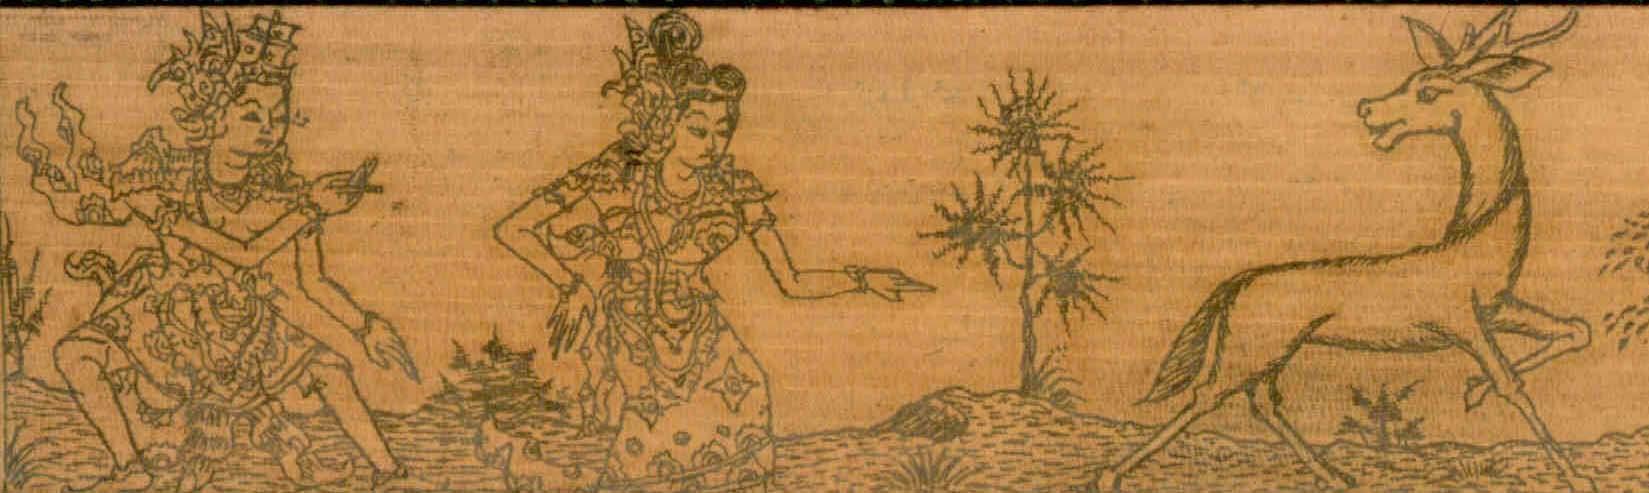 Asian and African studies blog: Ramayana